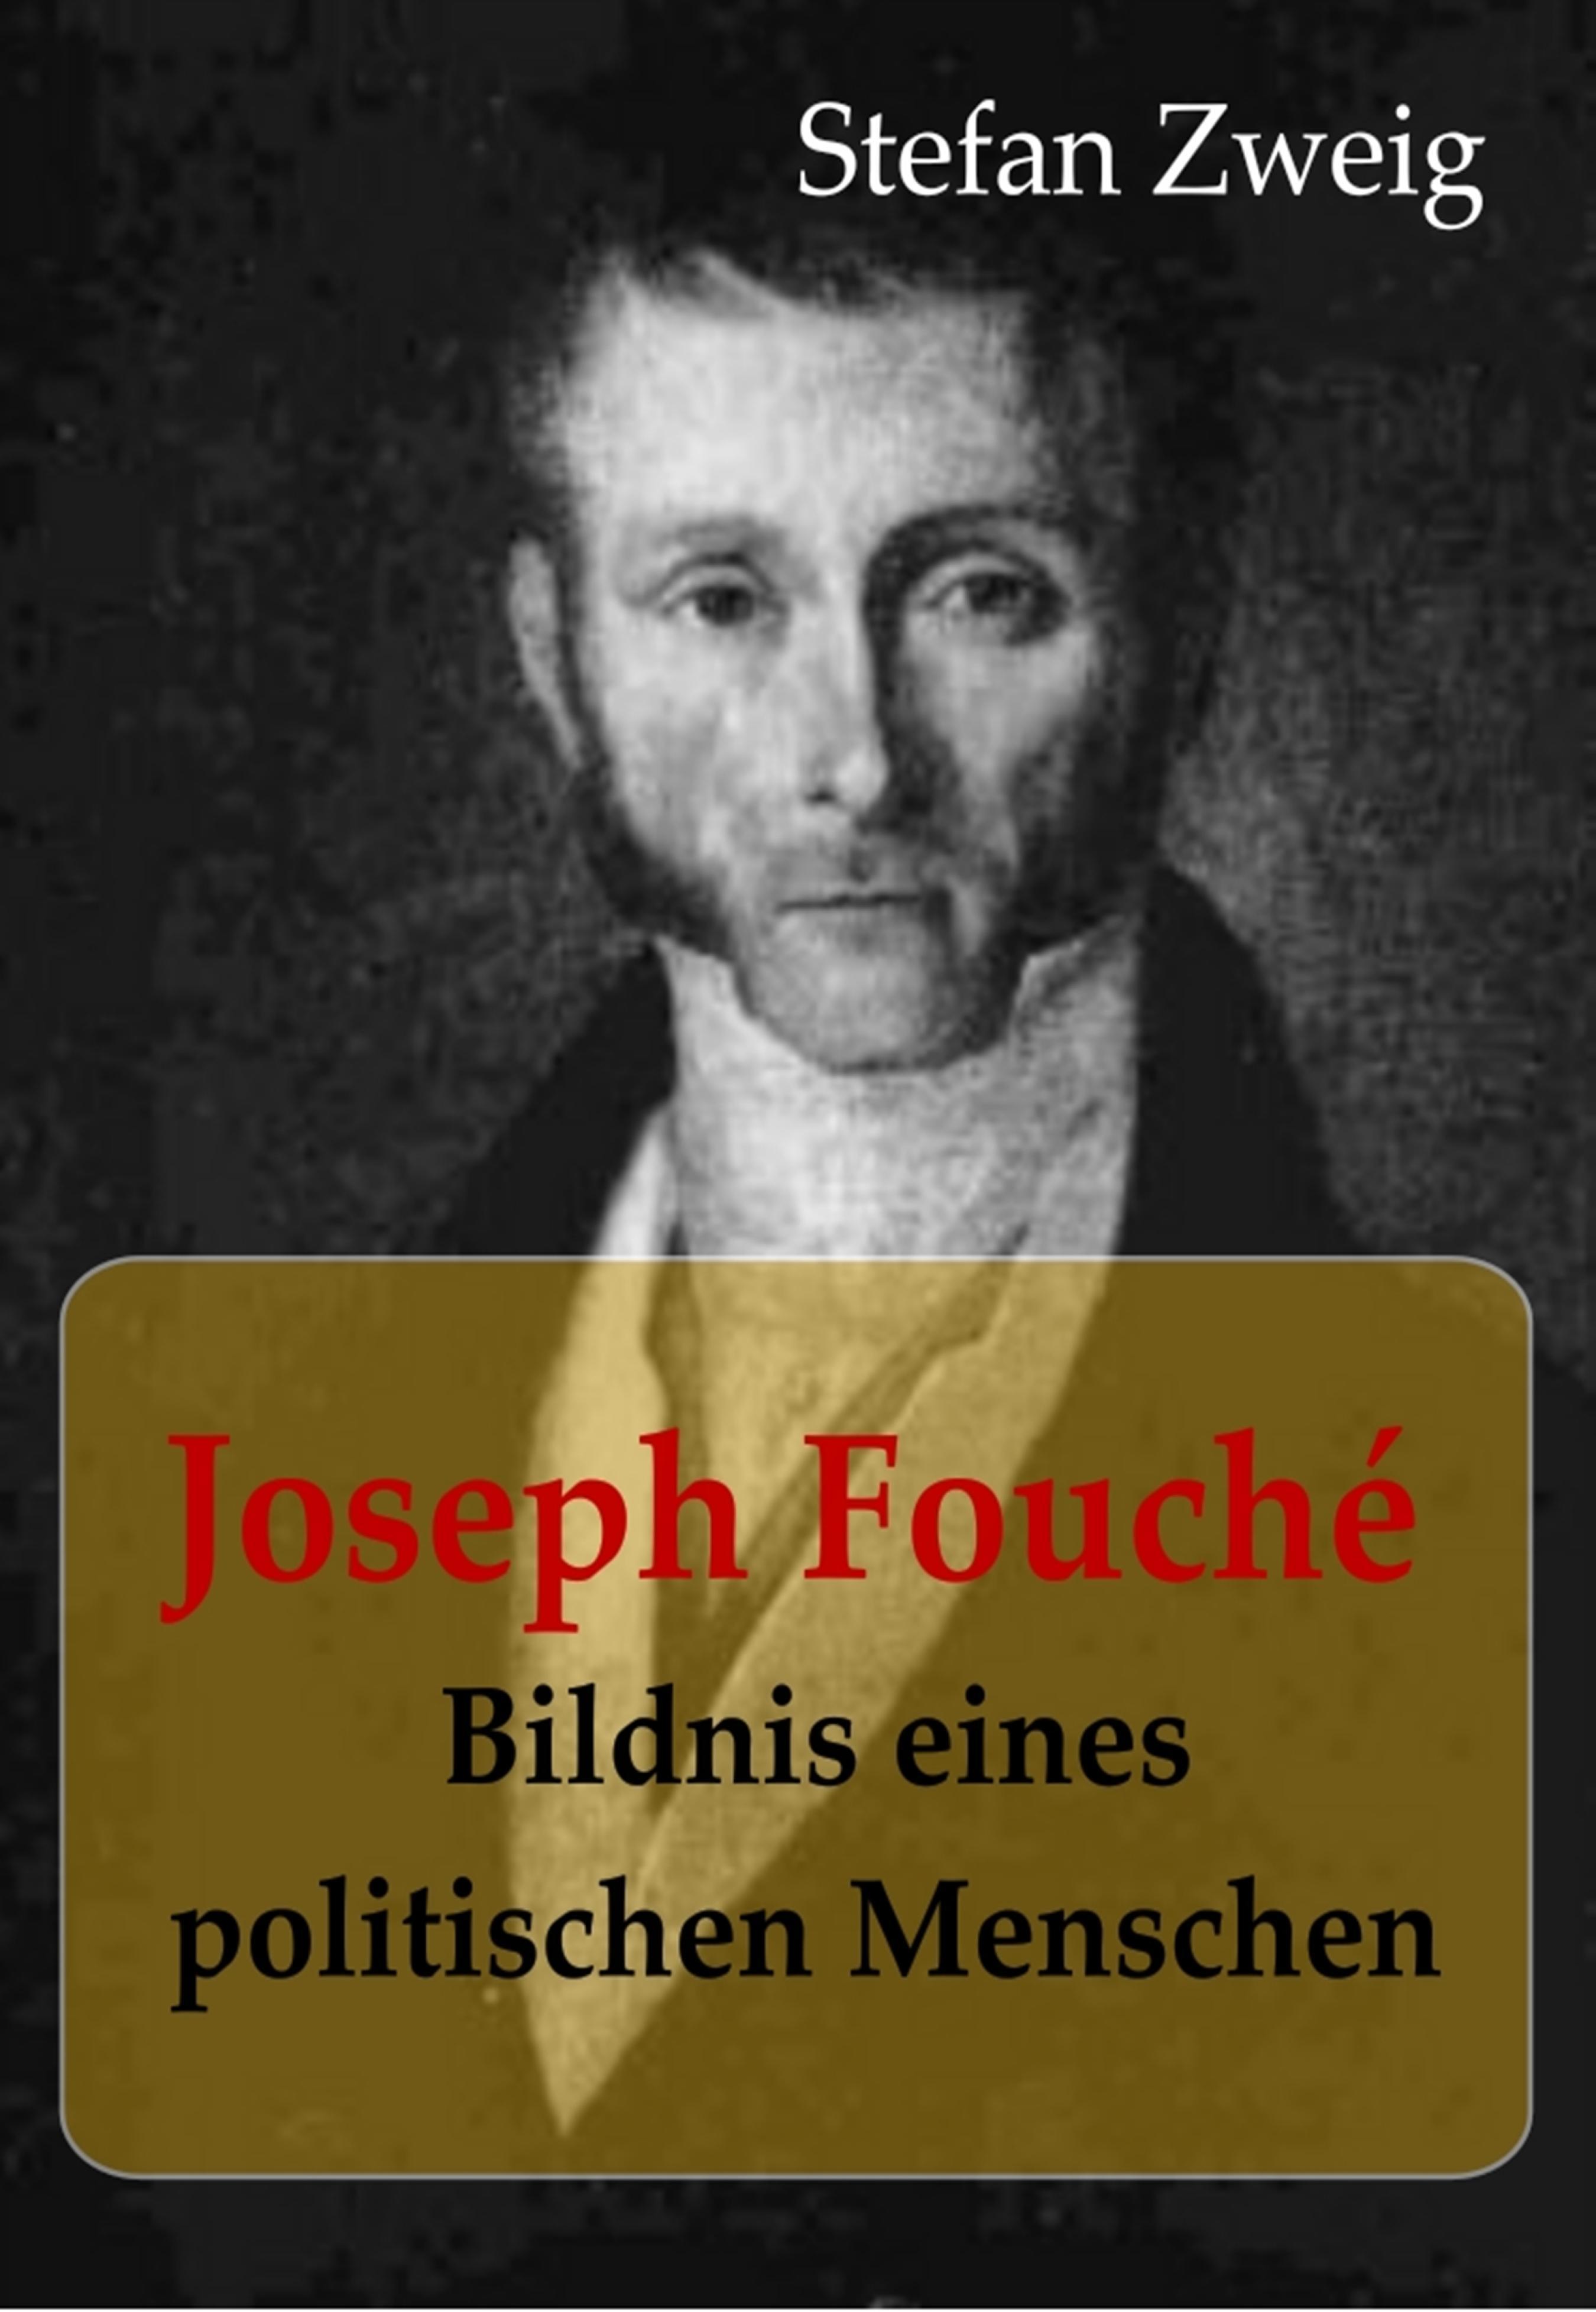 цена Stefan Zweig Joseph Fouché Bildnis eines politischen Menschen онлайн в 2017 году